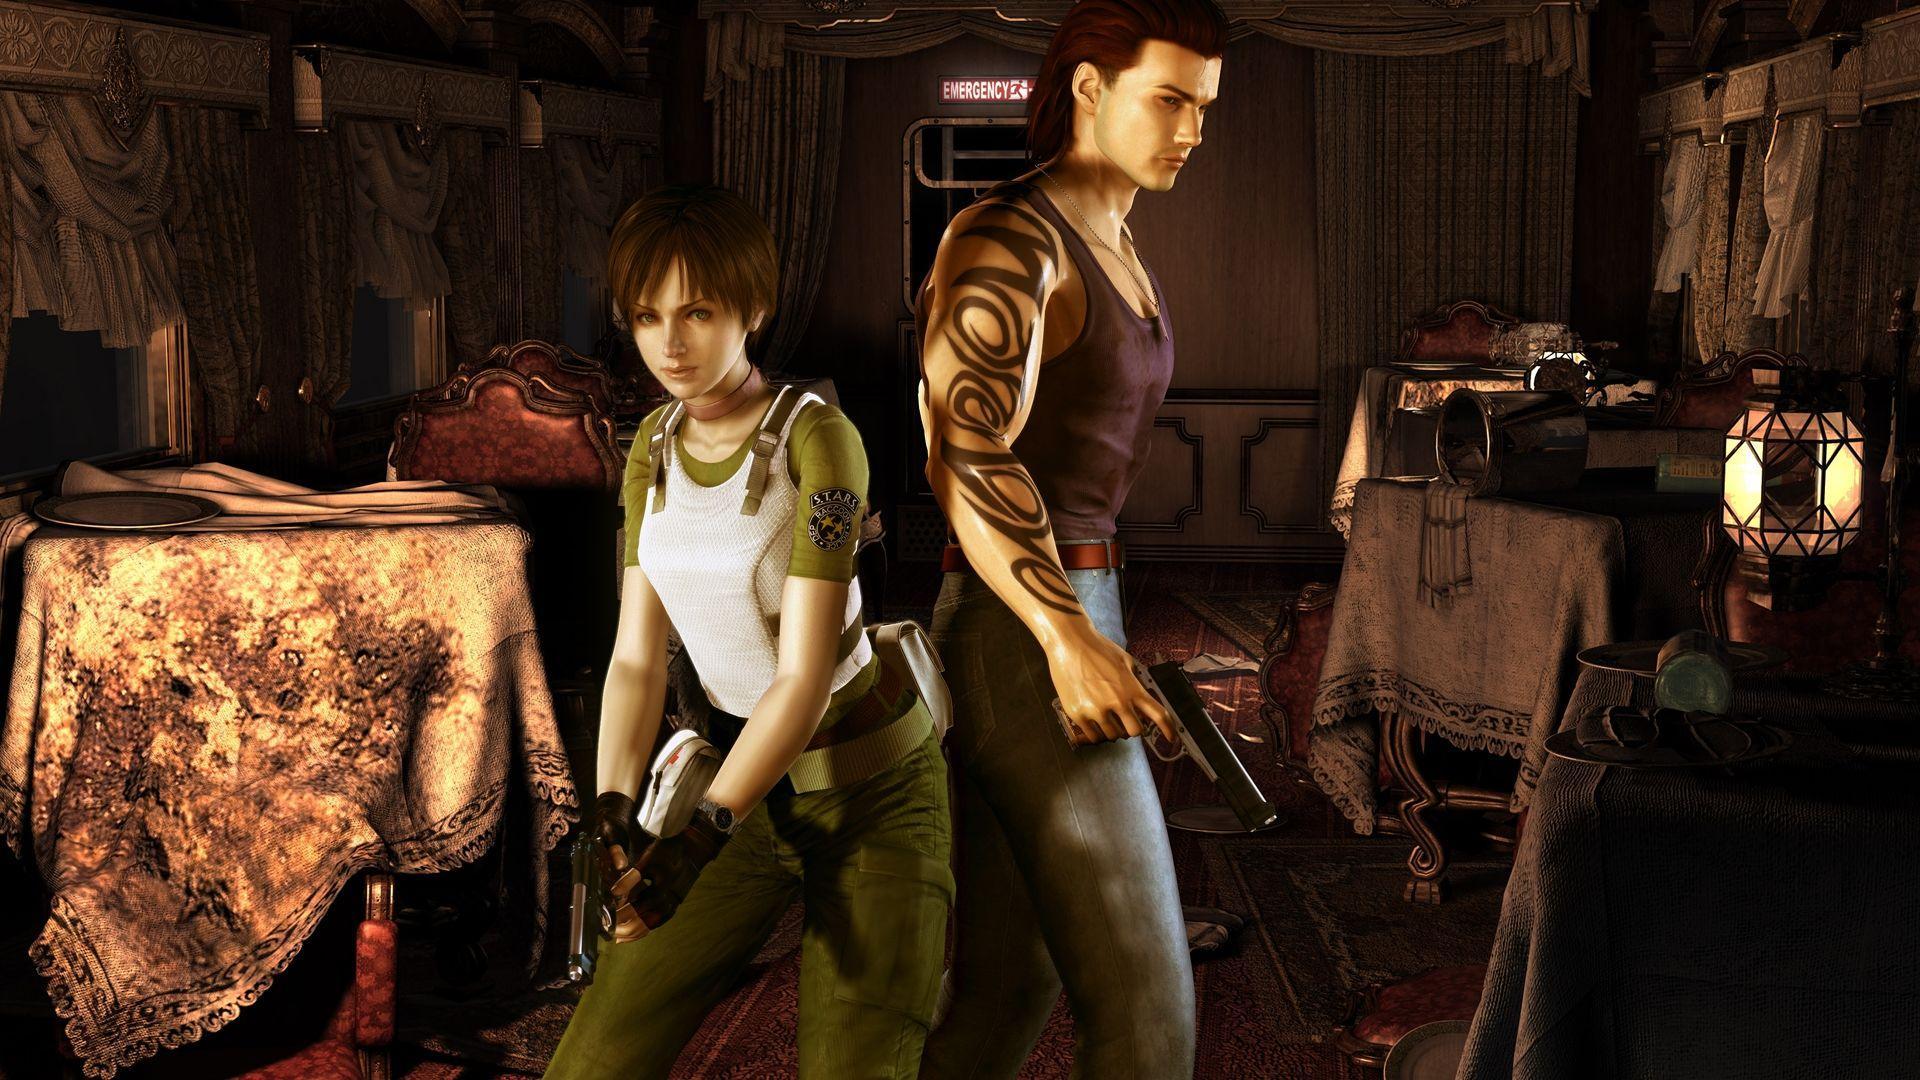 El remaster de Resident Evil 0 vende bien, aunque no tanto como el primer juego